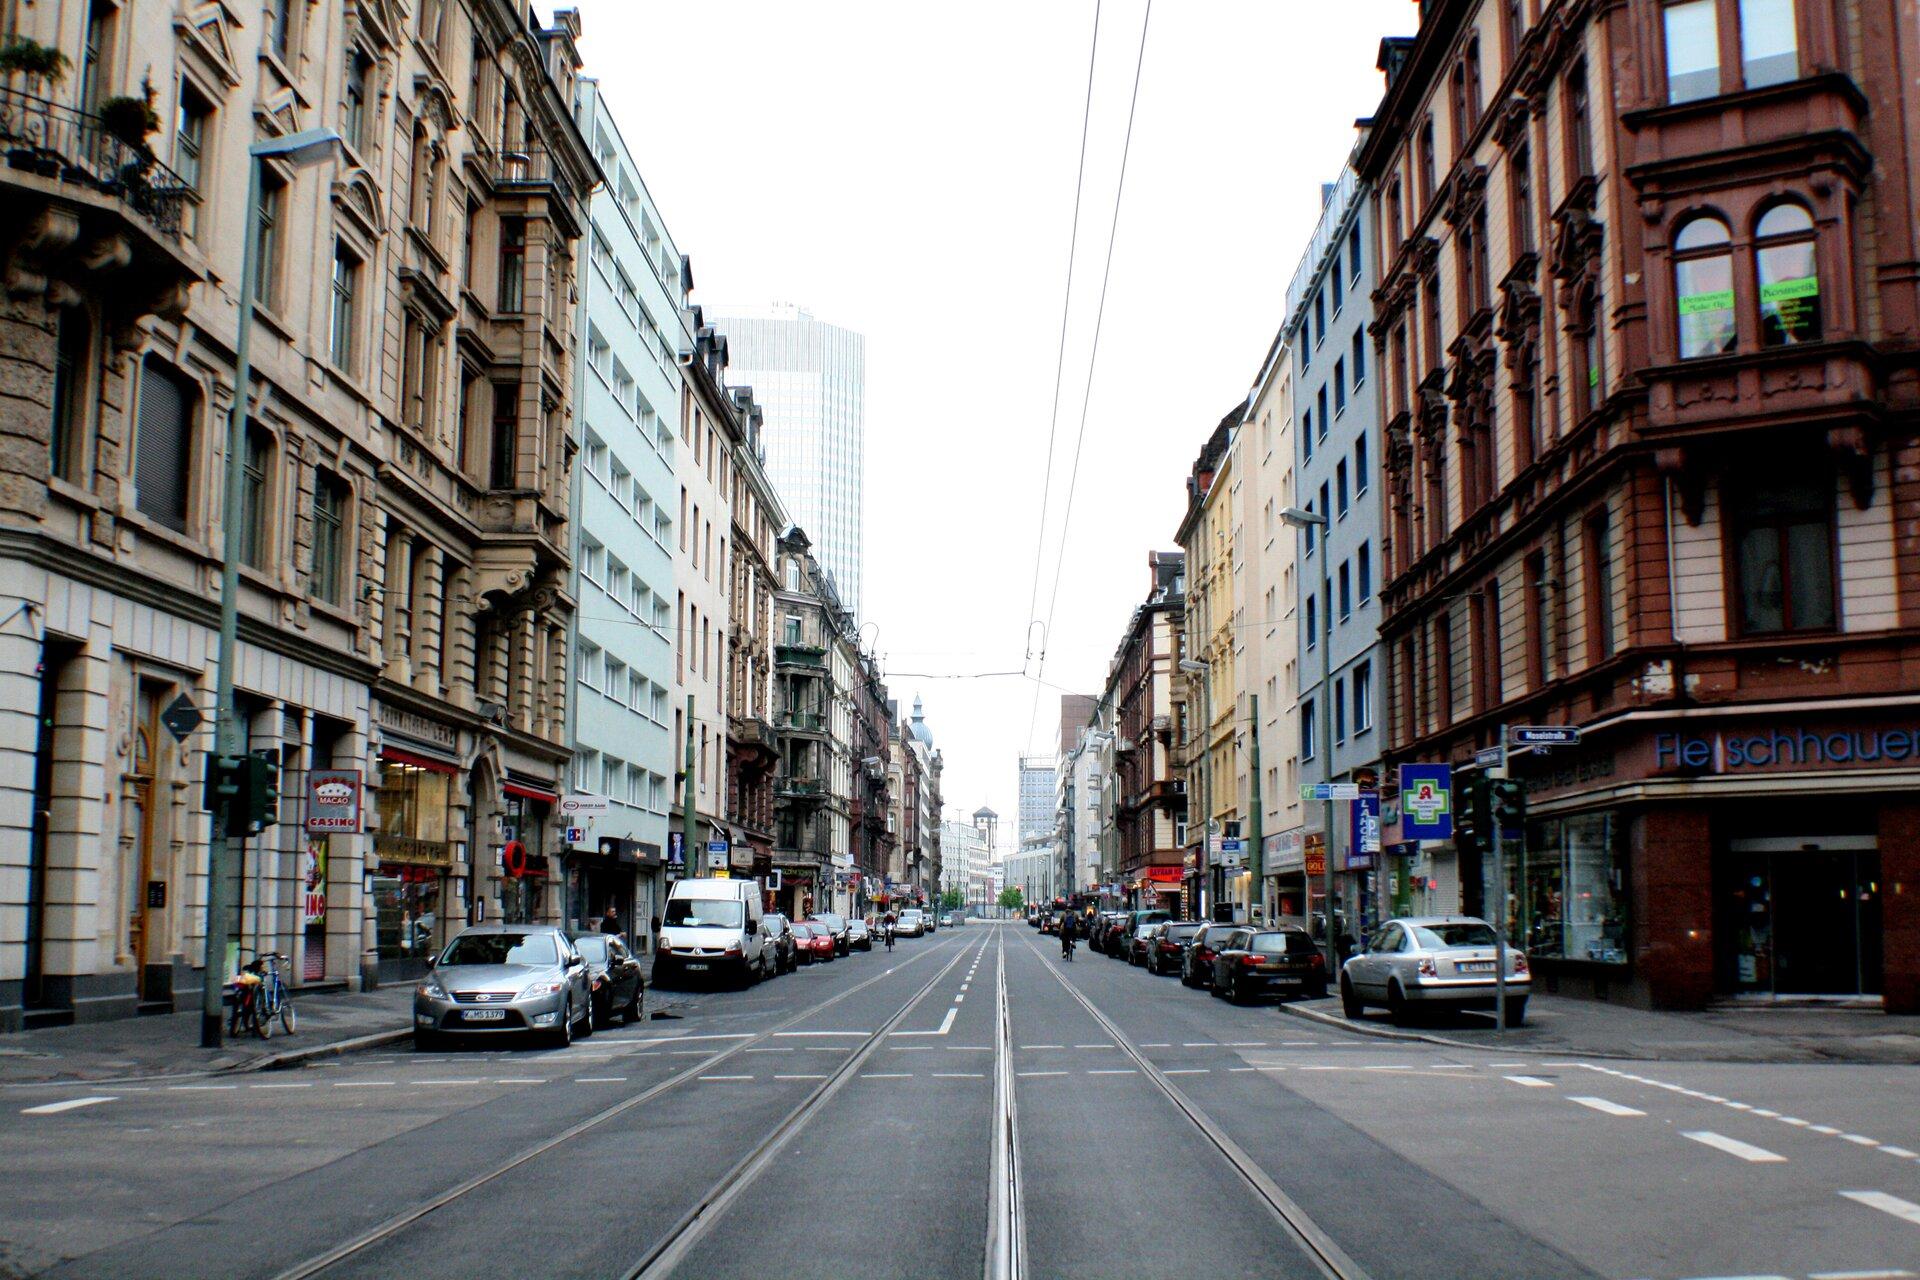 Ilustracja przedstawia ulicę miasta. Jest to prosta jezdnia zwidocznymi dwoma torami tramwajowymi. Przy drodze stoją auta. Po obu stronach są wielopiętrowe kamienice oróznych kolorach elewacji. Nad jezdnią rozciąga się trakcja elektryczna dla tramwajów. Wtle widać wieżowiec ijasne niebo.